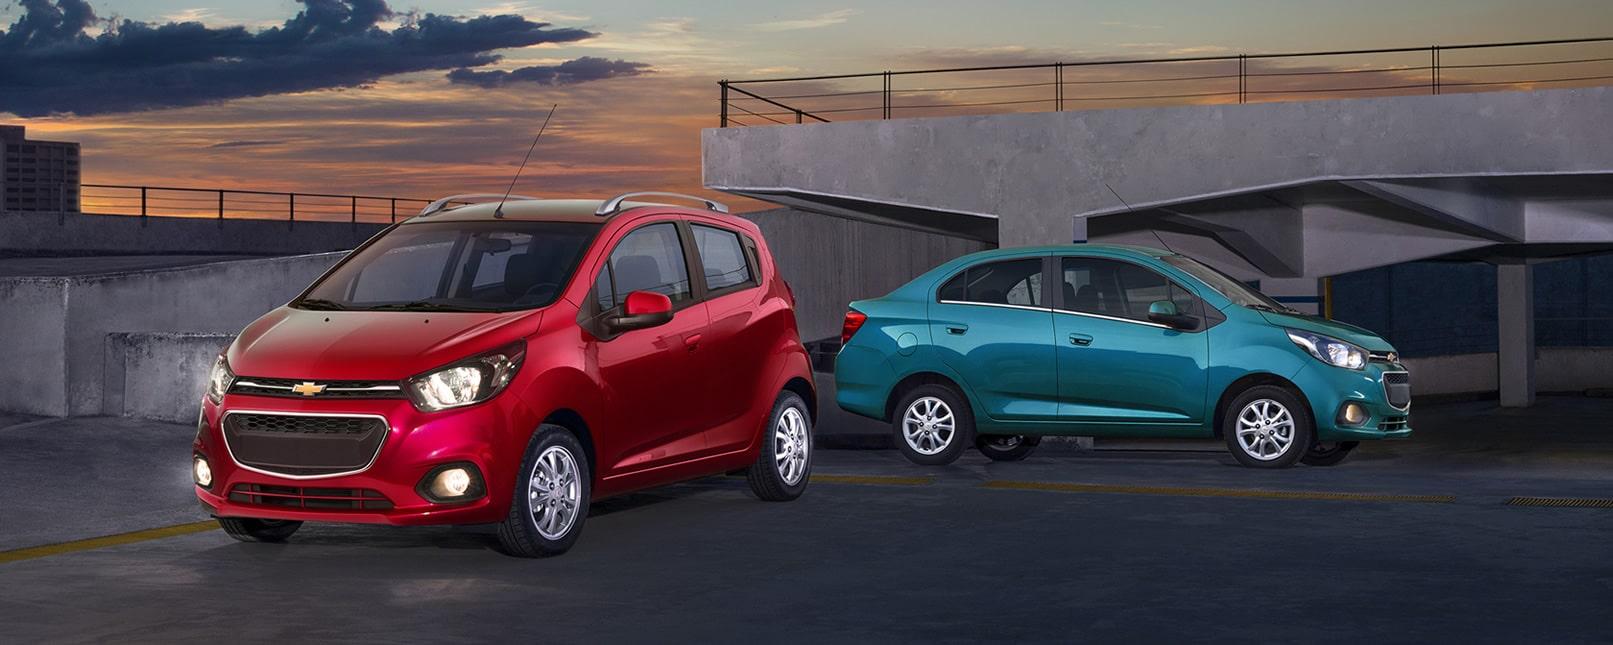 Seminuevos autos